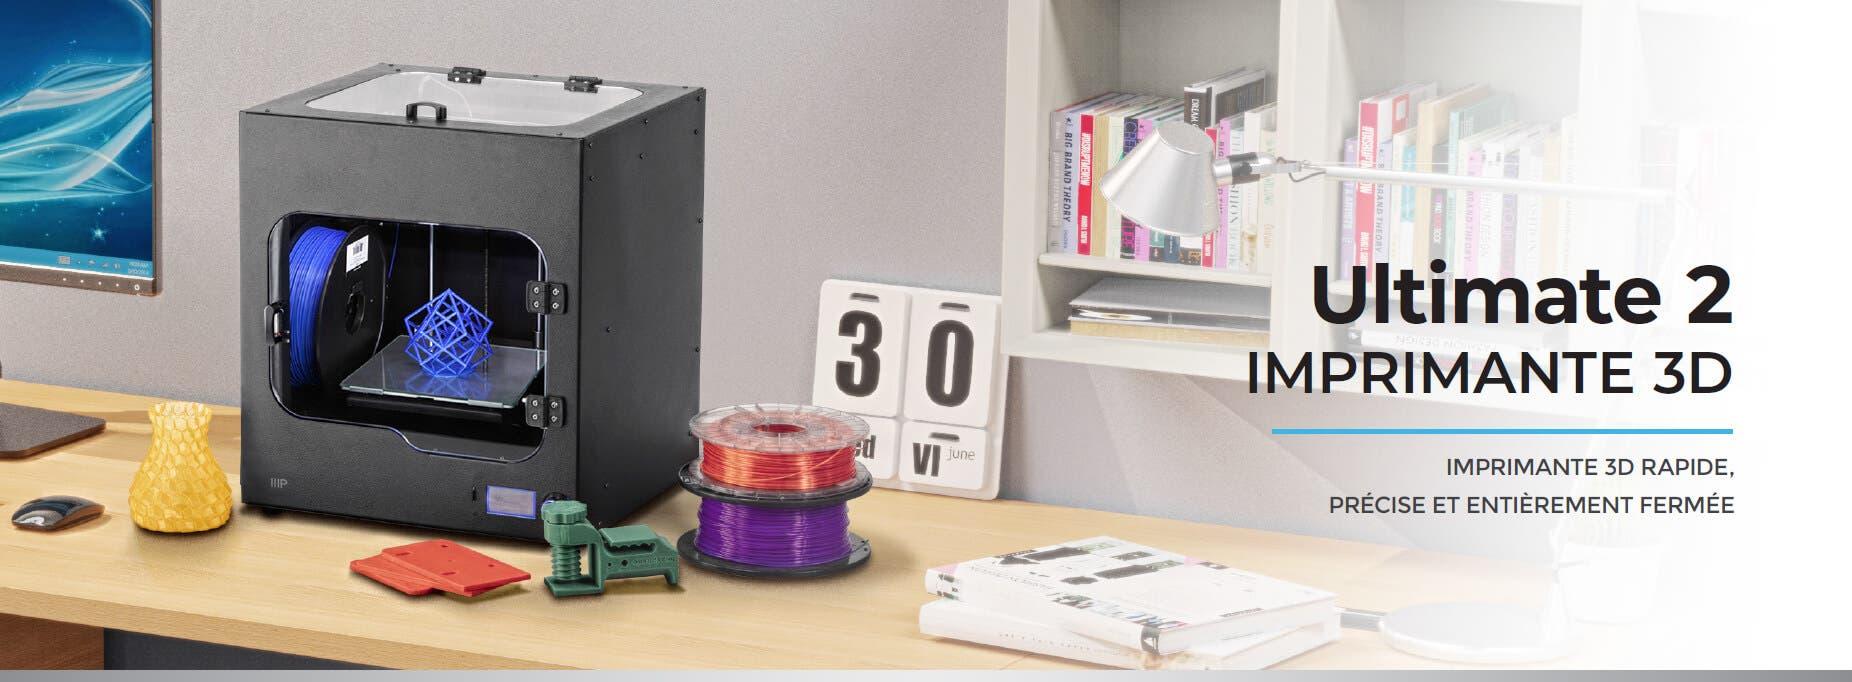 Ultimate 2 3D Printer